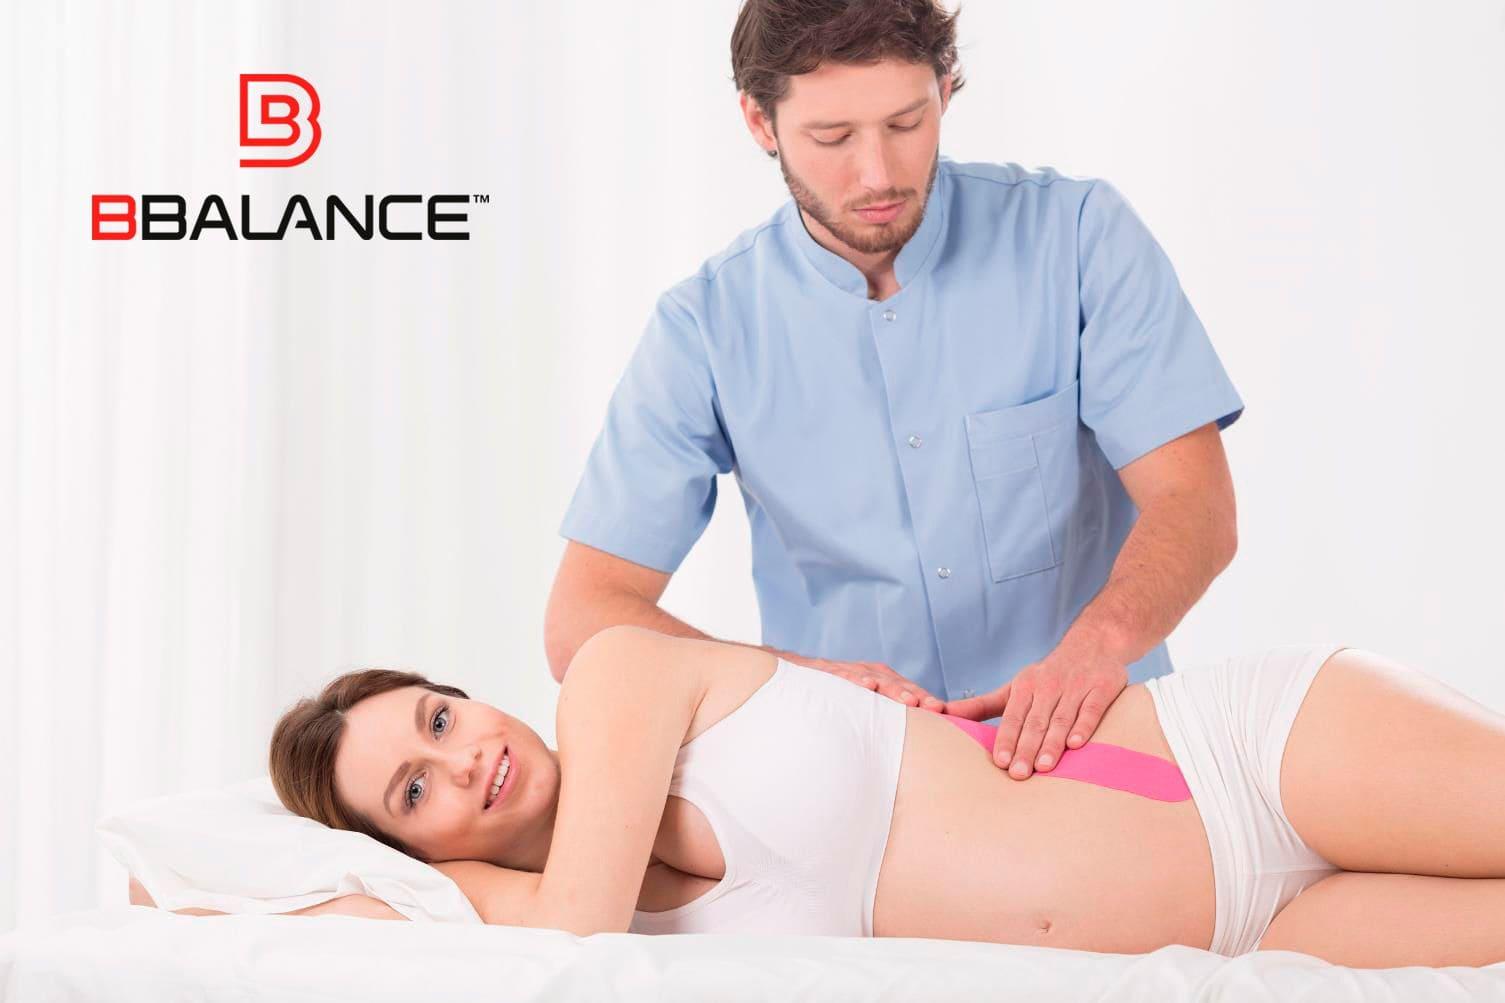 Обучающие семинары по тейпированию в период беременности BBTape Pregnancy г. Москва Фото-1